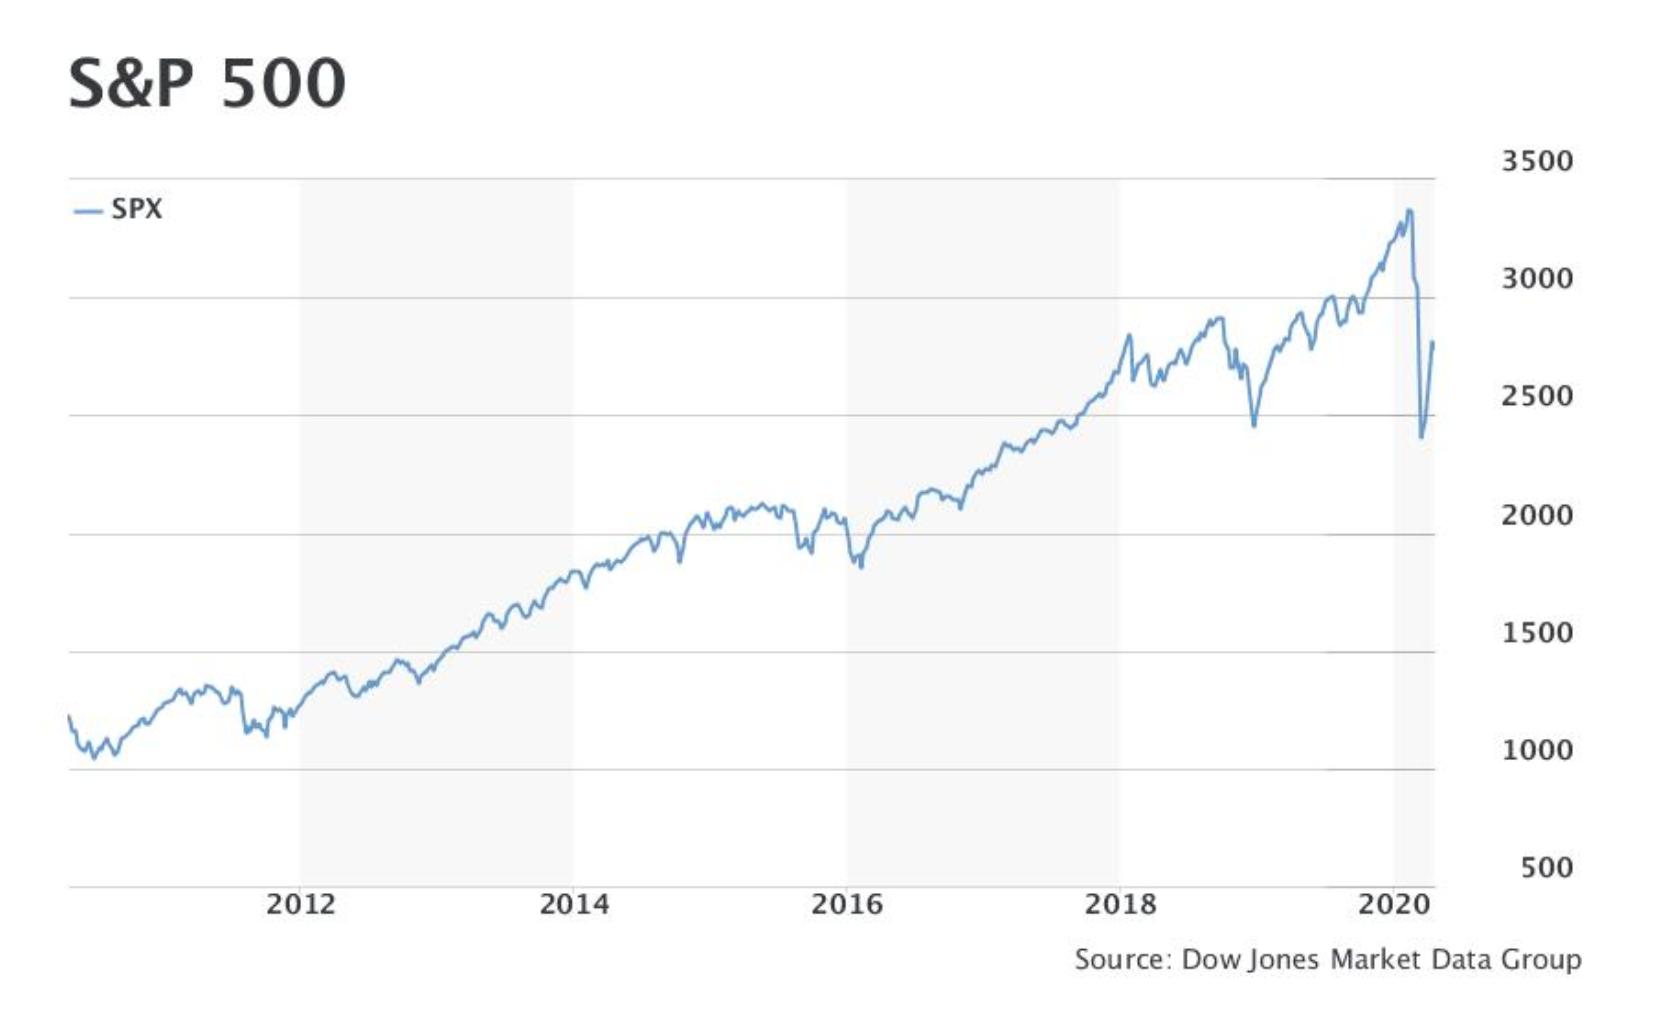 美国知名基金经理警告:美股未来可能还会有一轮暴跌